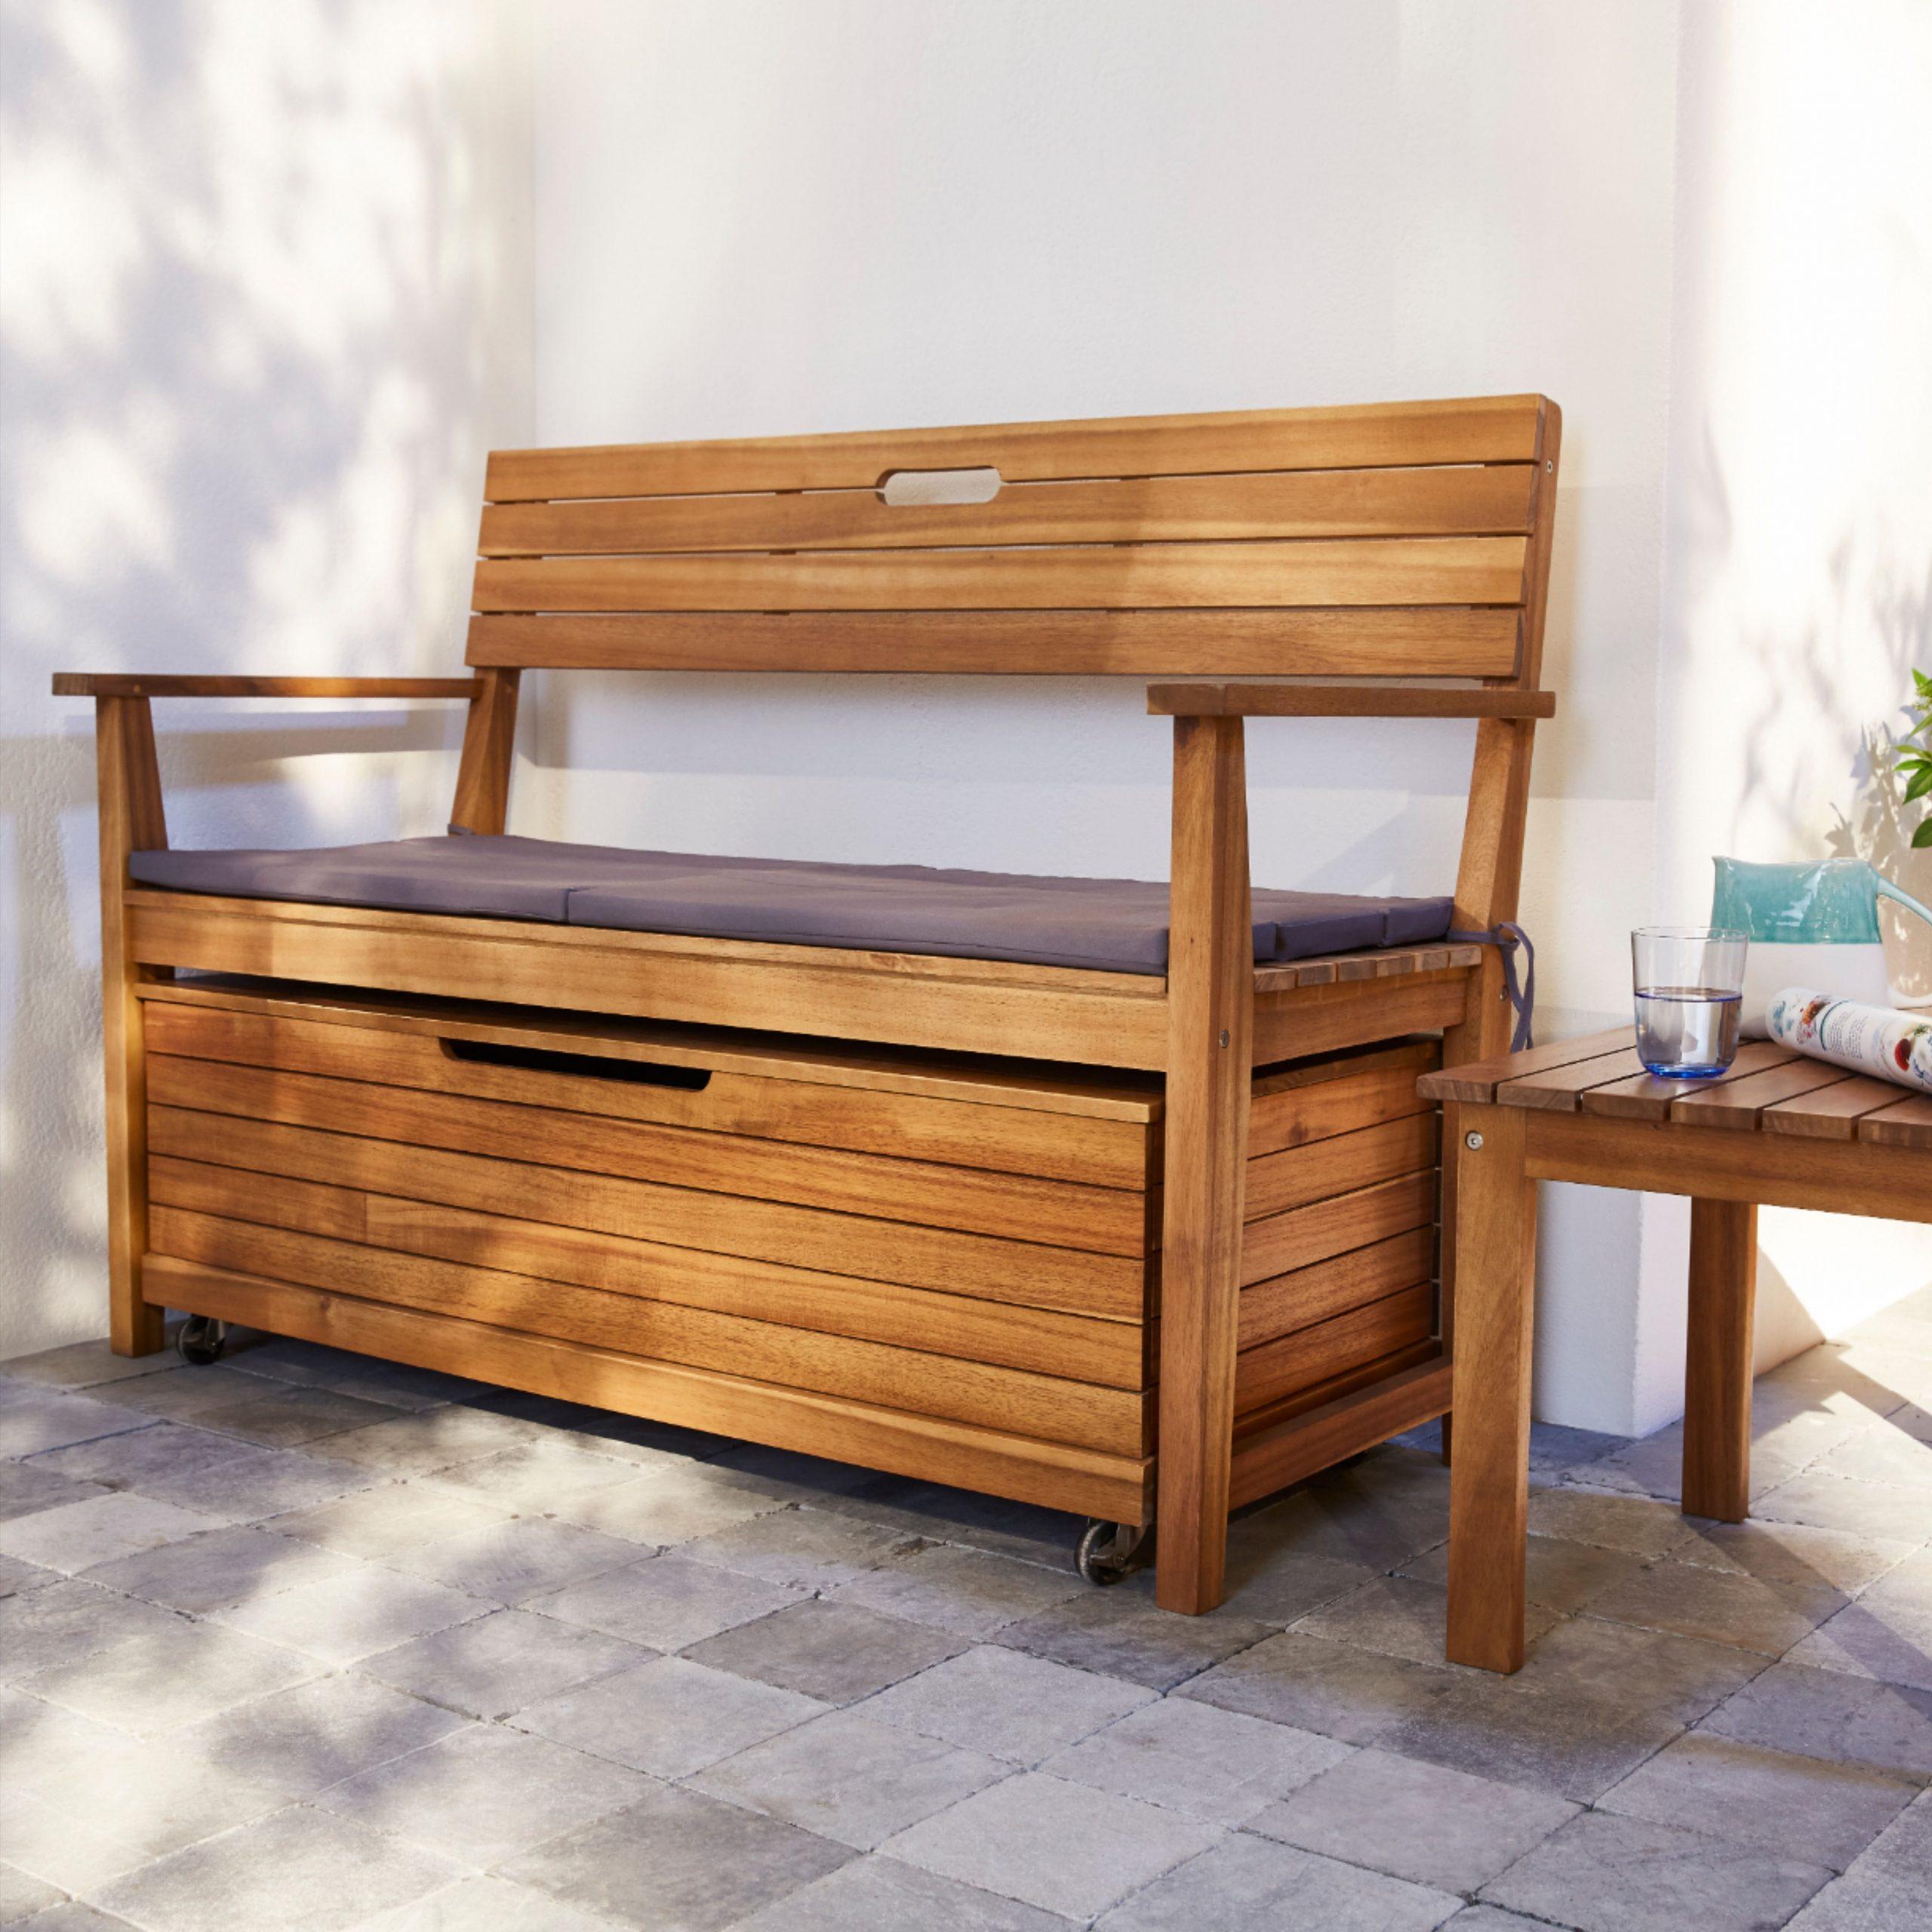 Coffre De Jardin Denia | Coffre De Jardin, Décoration Maison ... à Castorama Coffre De Jardin